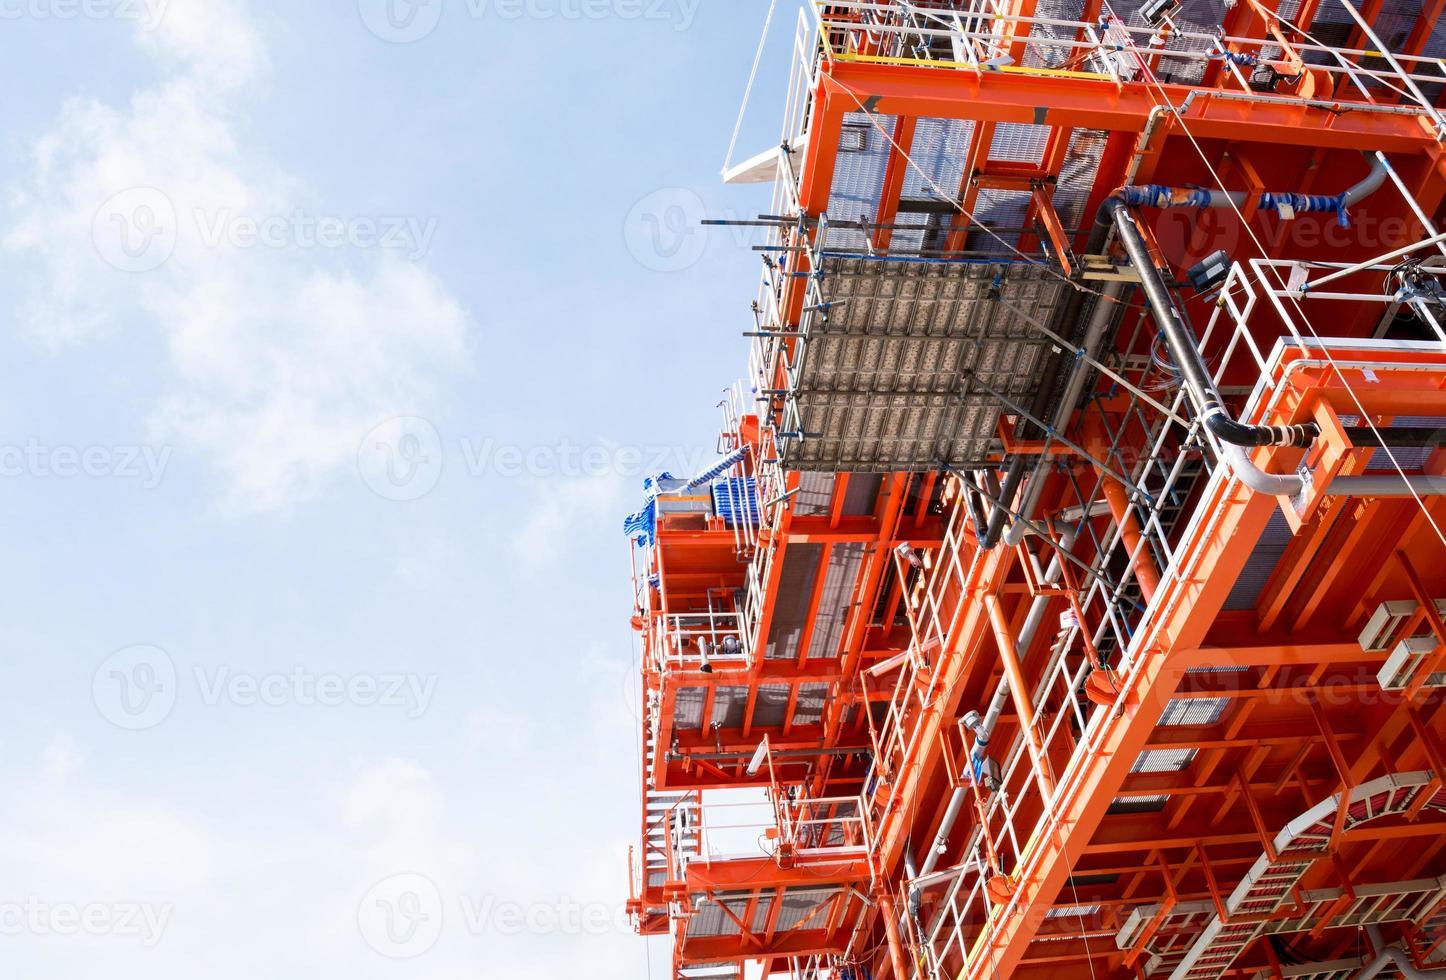 olie- en gasproductieplatform foto